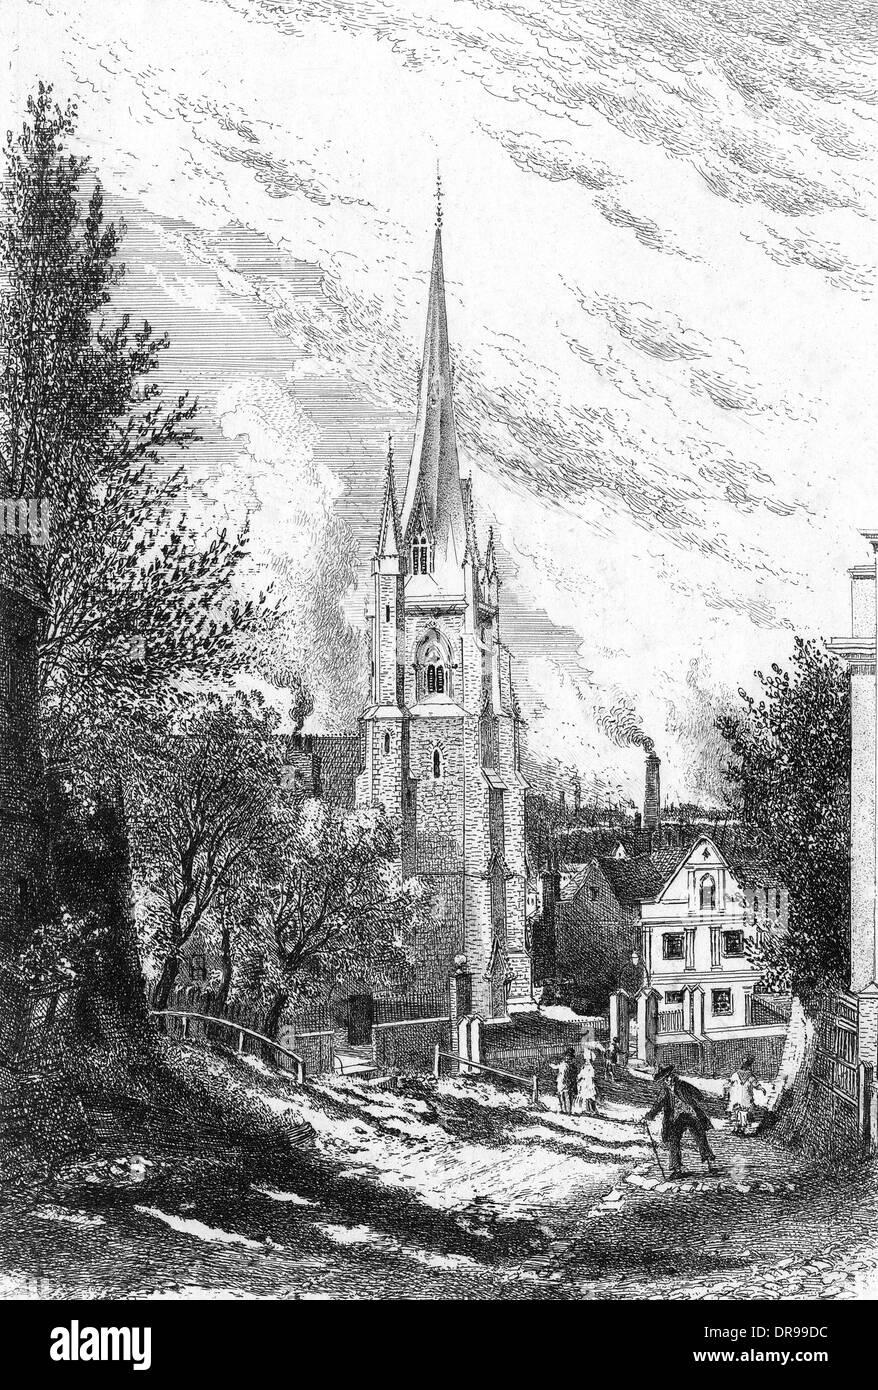 ST MARY'S CHURCH - Stock Image